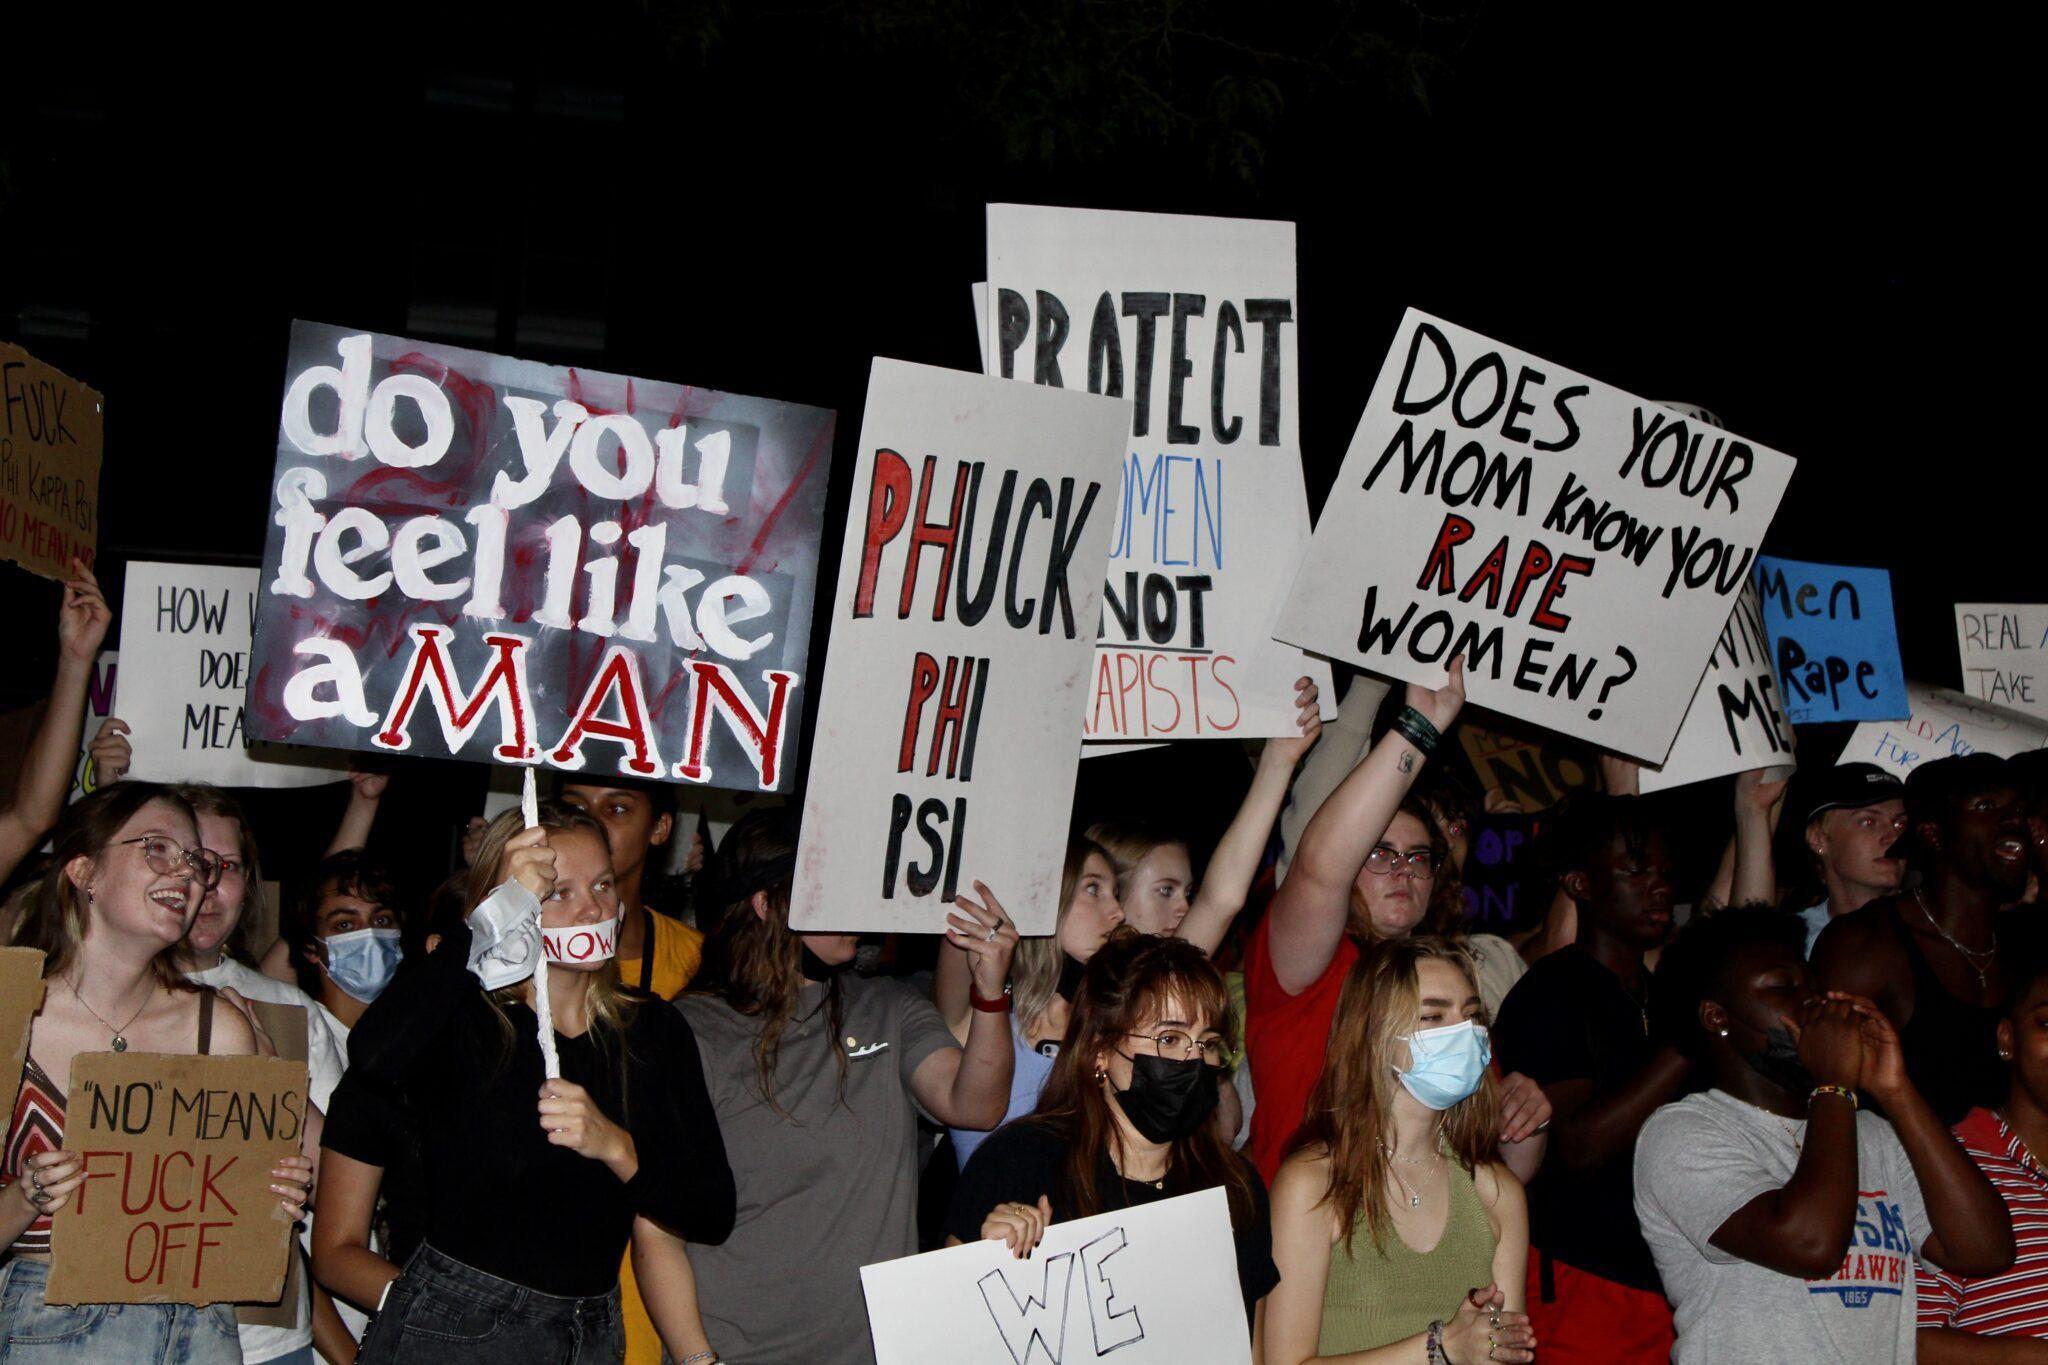 Protests at University of Kansas signal a major culture shift